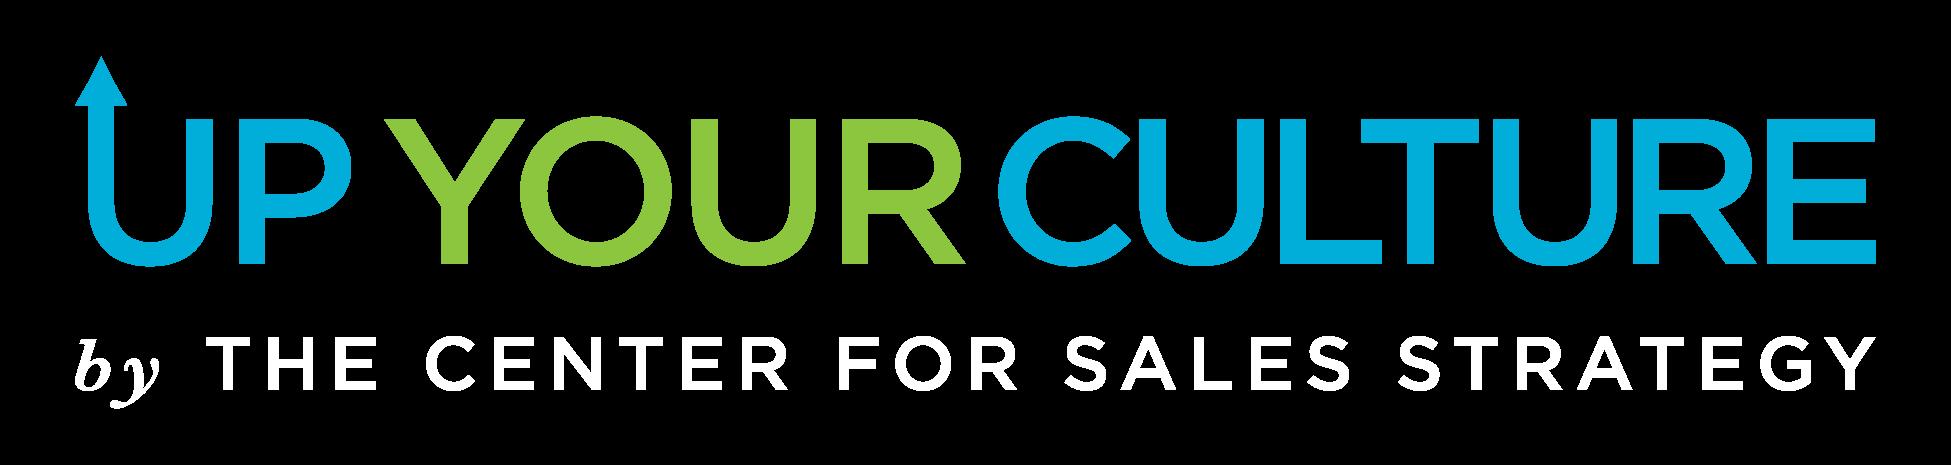 UpYourCulture-logo-landingpage